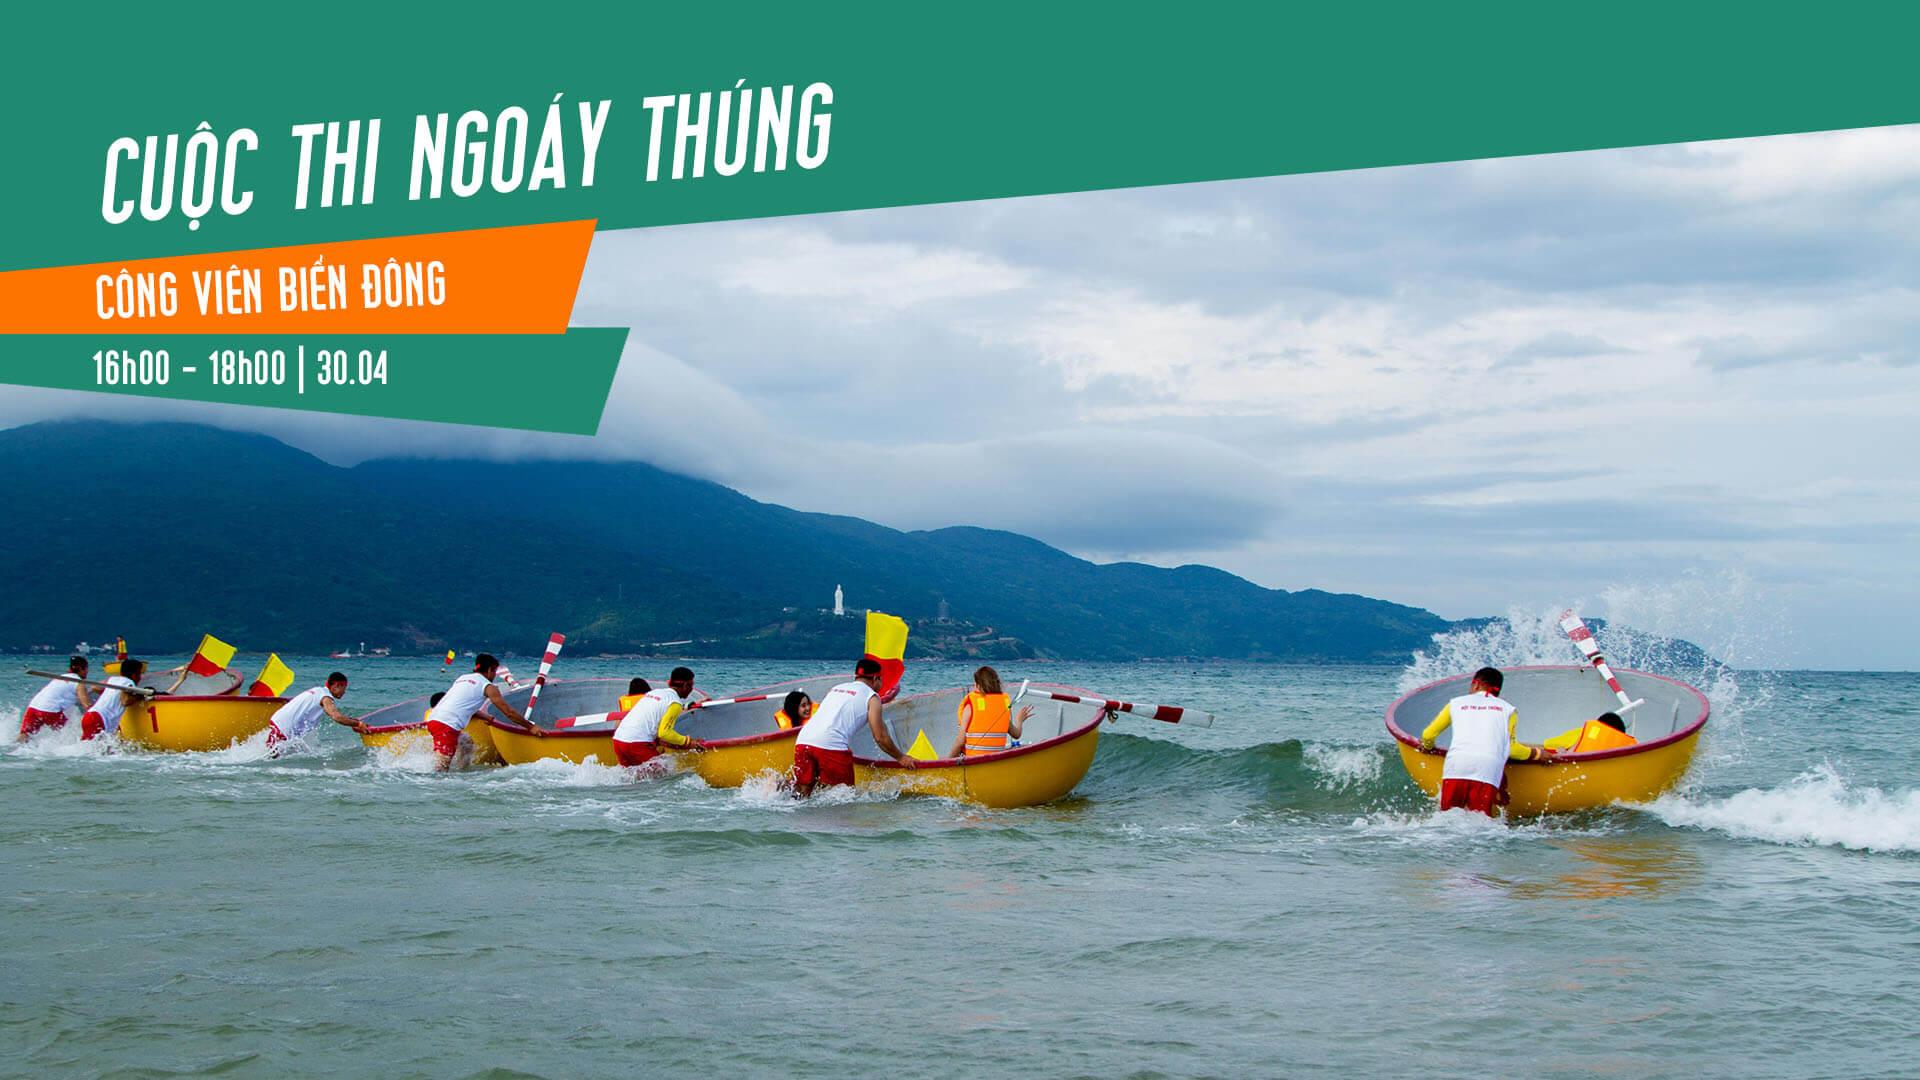 Chi tiết chương trình Khai trương mùa Du lịch biển Đà Nẵng 2018 11